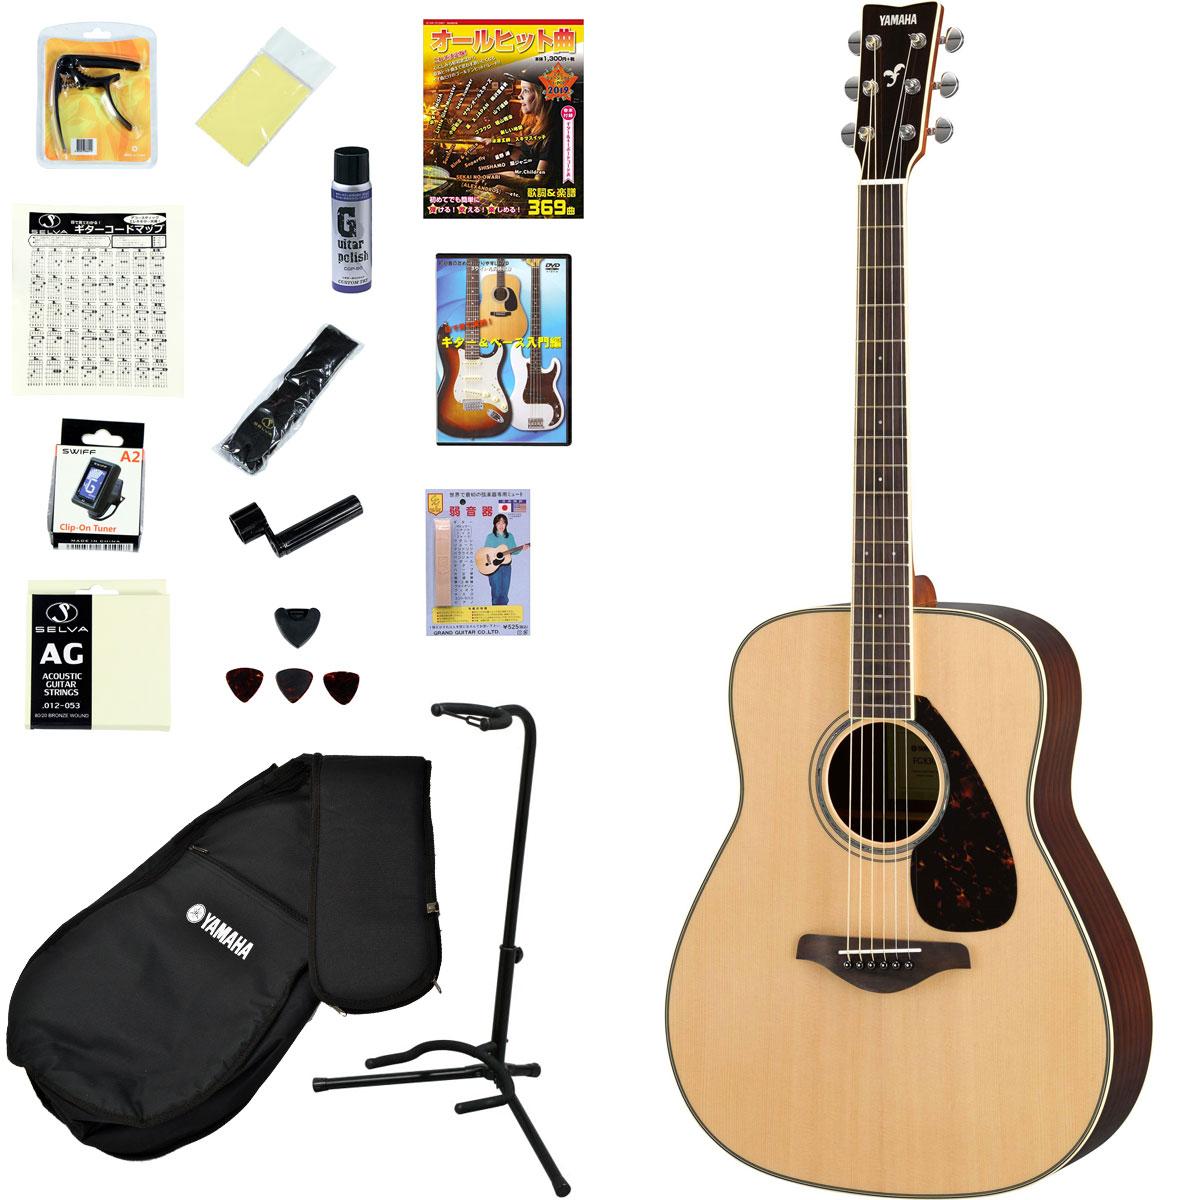 YAMAHA / FG830 NT(ナチュラル) 【オールヒット曲歌本17点入門セット】【楽譜が付いたお買い得セット】 ヤマハ アコースティックギター アコギ FG-830 入門 初心者【YRK】